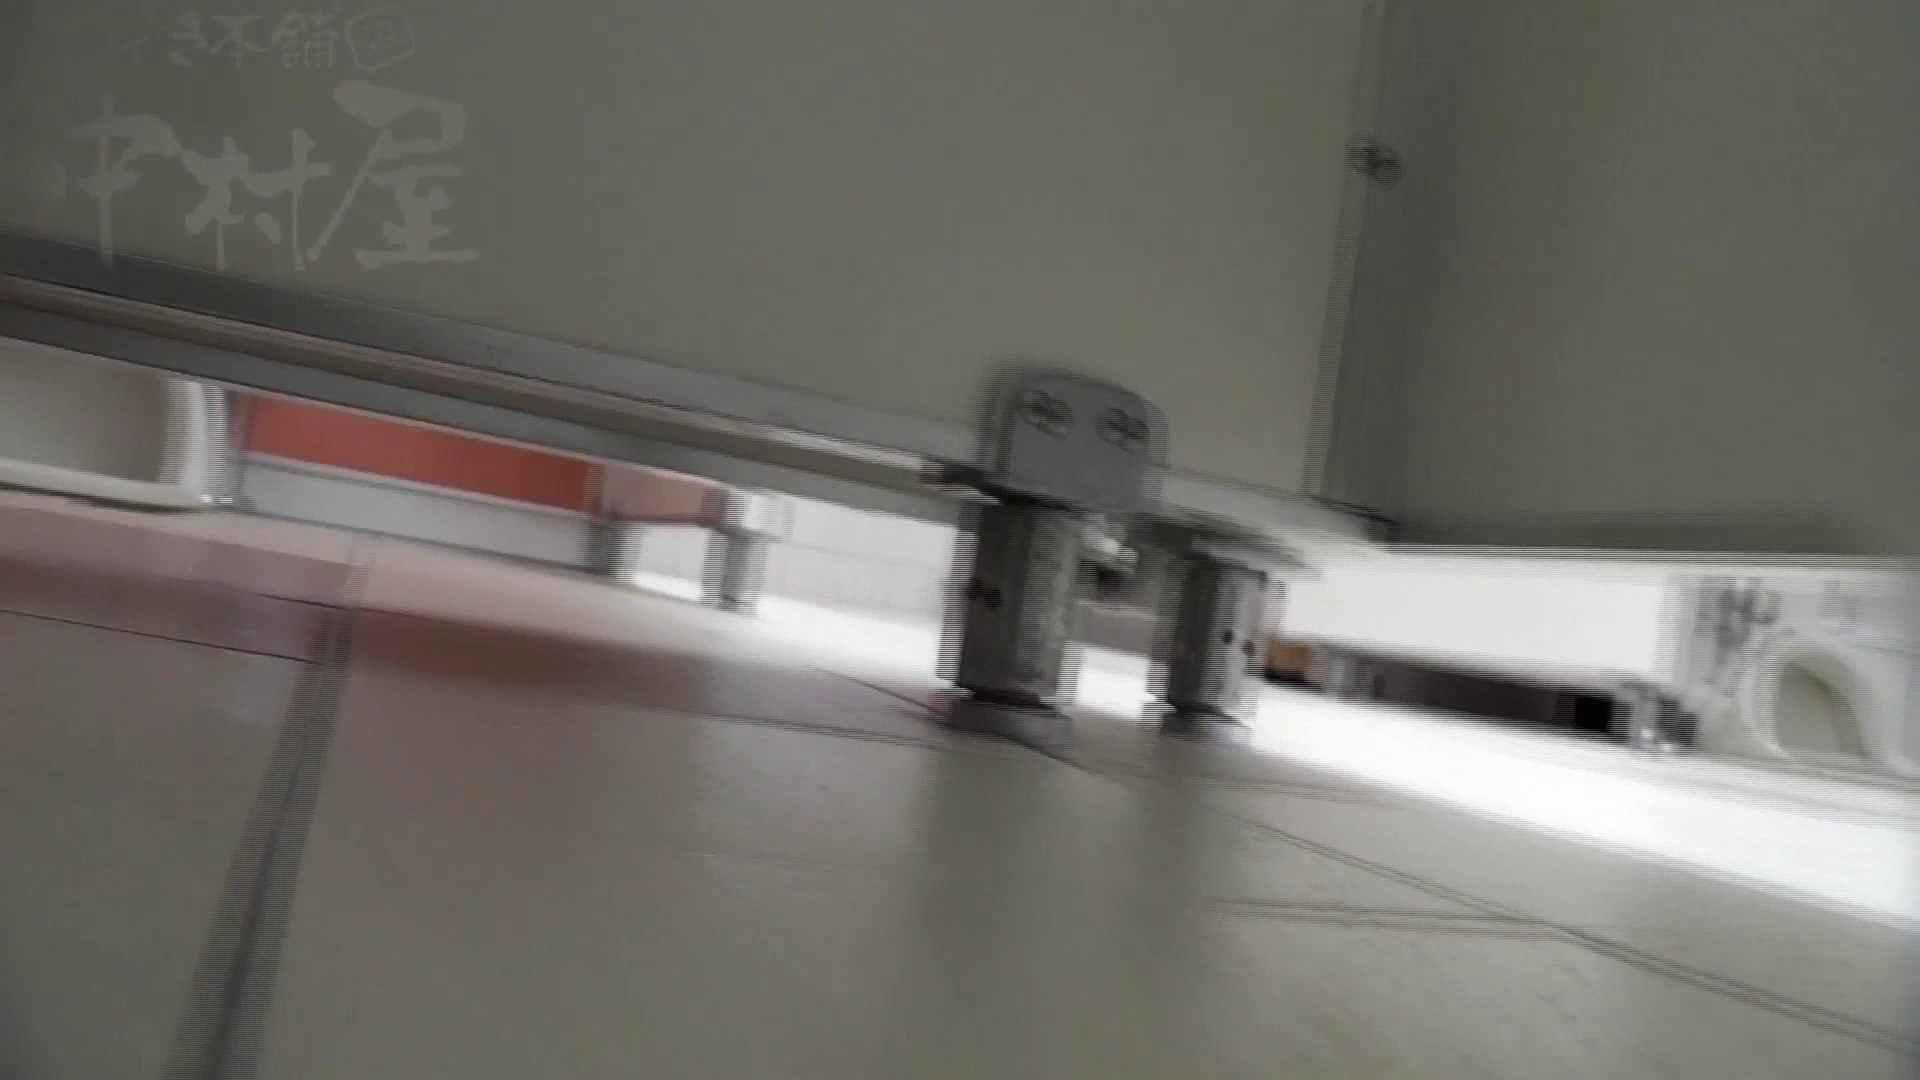 美しい日本の未来 No.29 豹柄サンダルはイ更●気味??? トイレ 盗み撮り動画キャプチャ 111連発 50